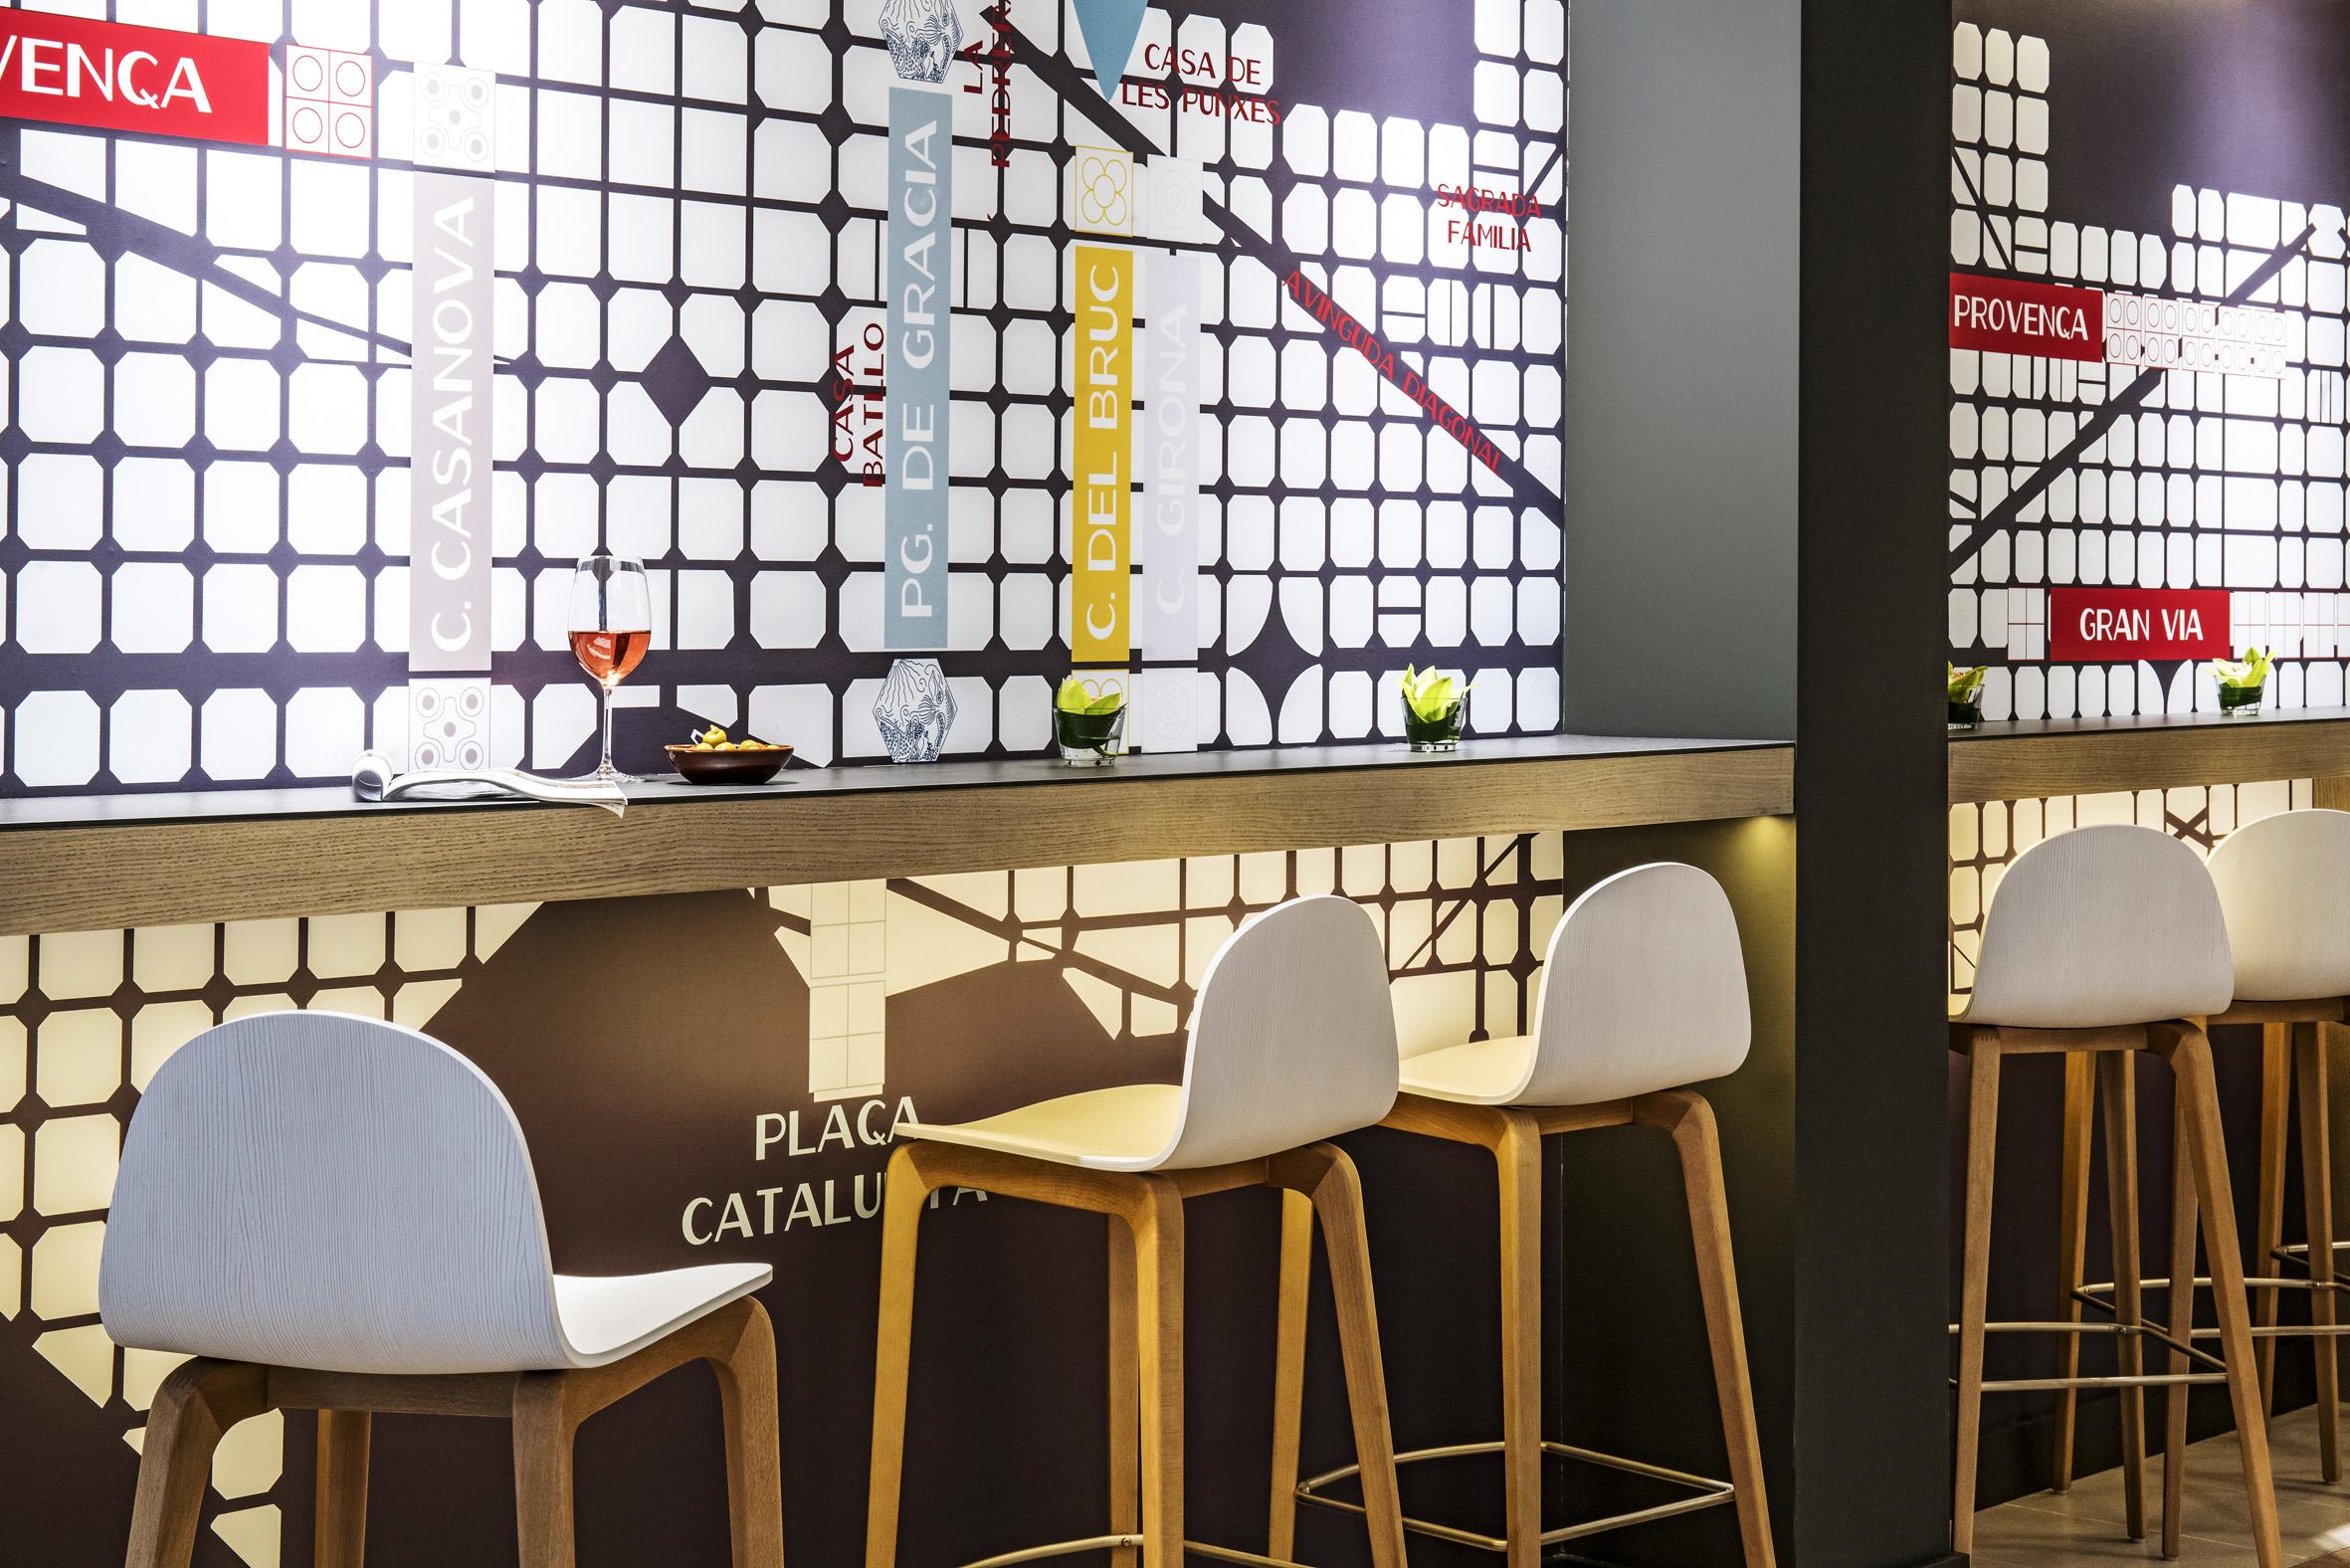 Accor abre el nuevo hotel ibis styles barcelona infotur for Ibis paseo del prado